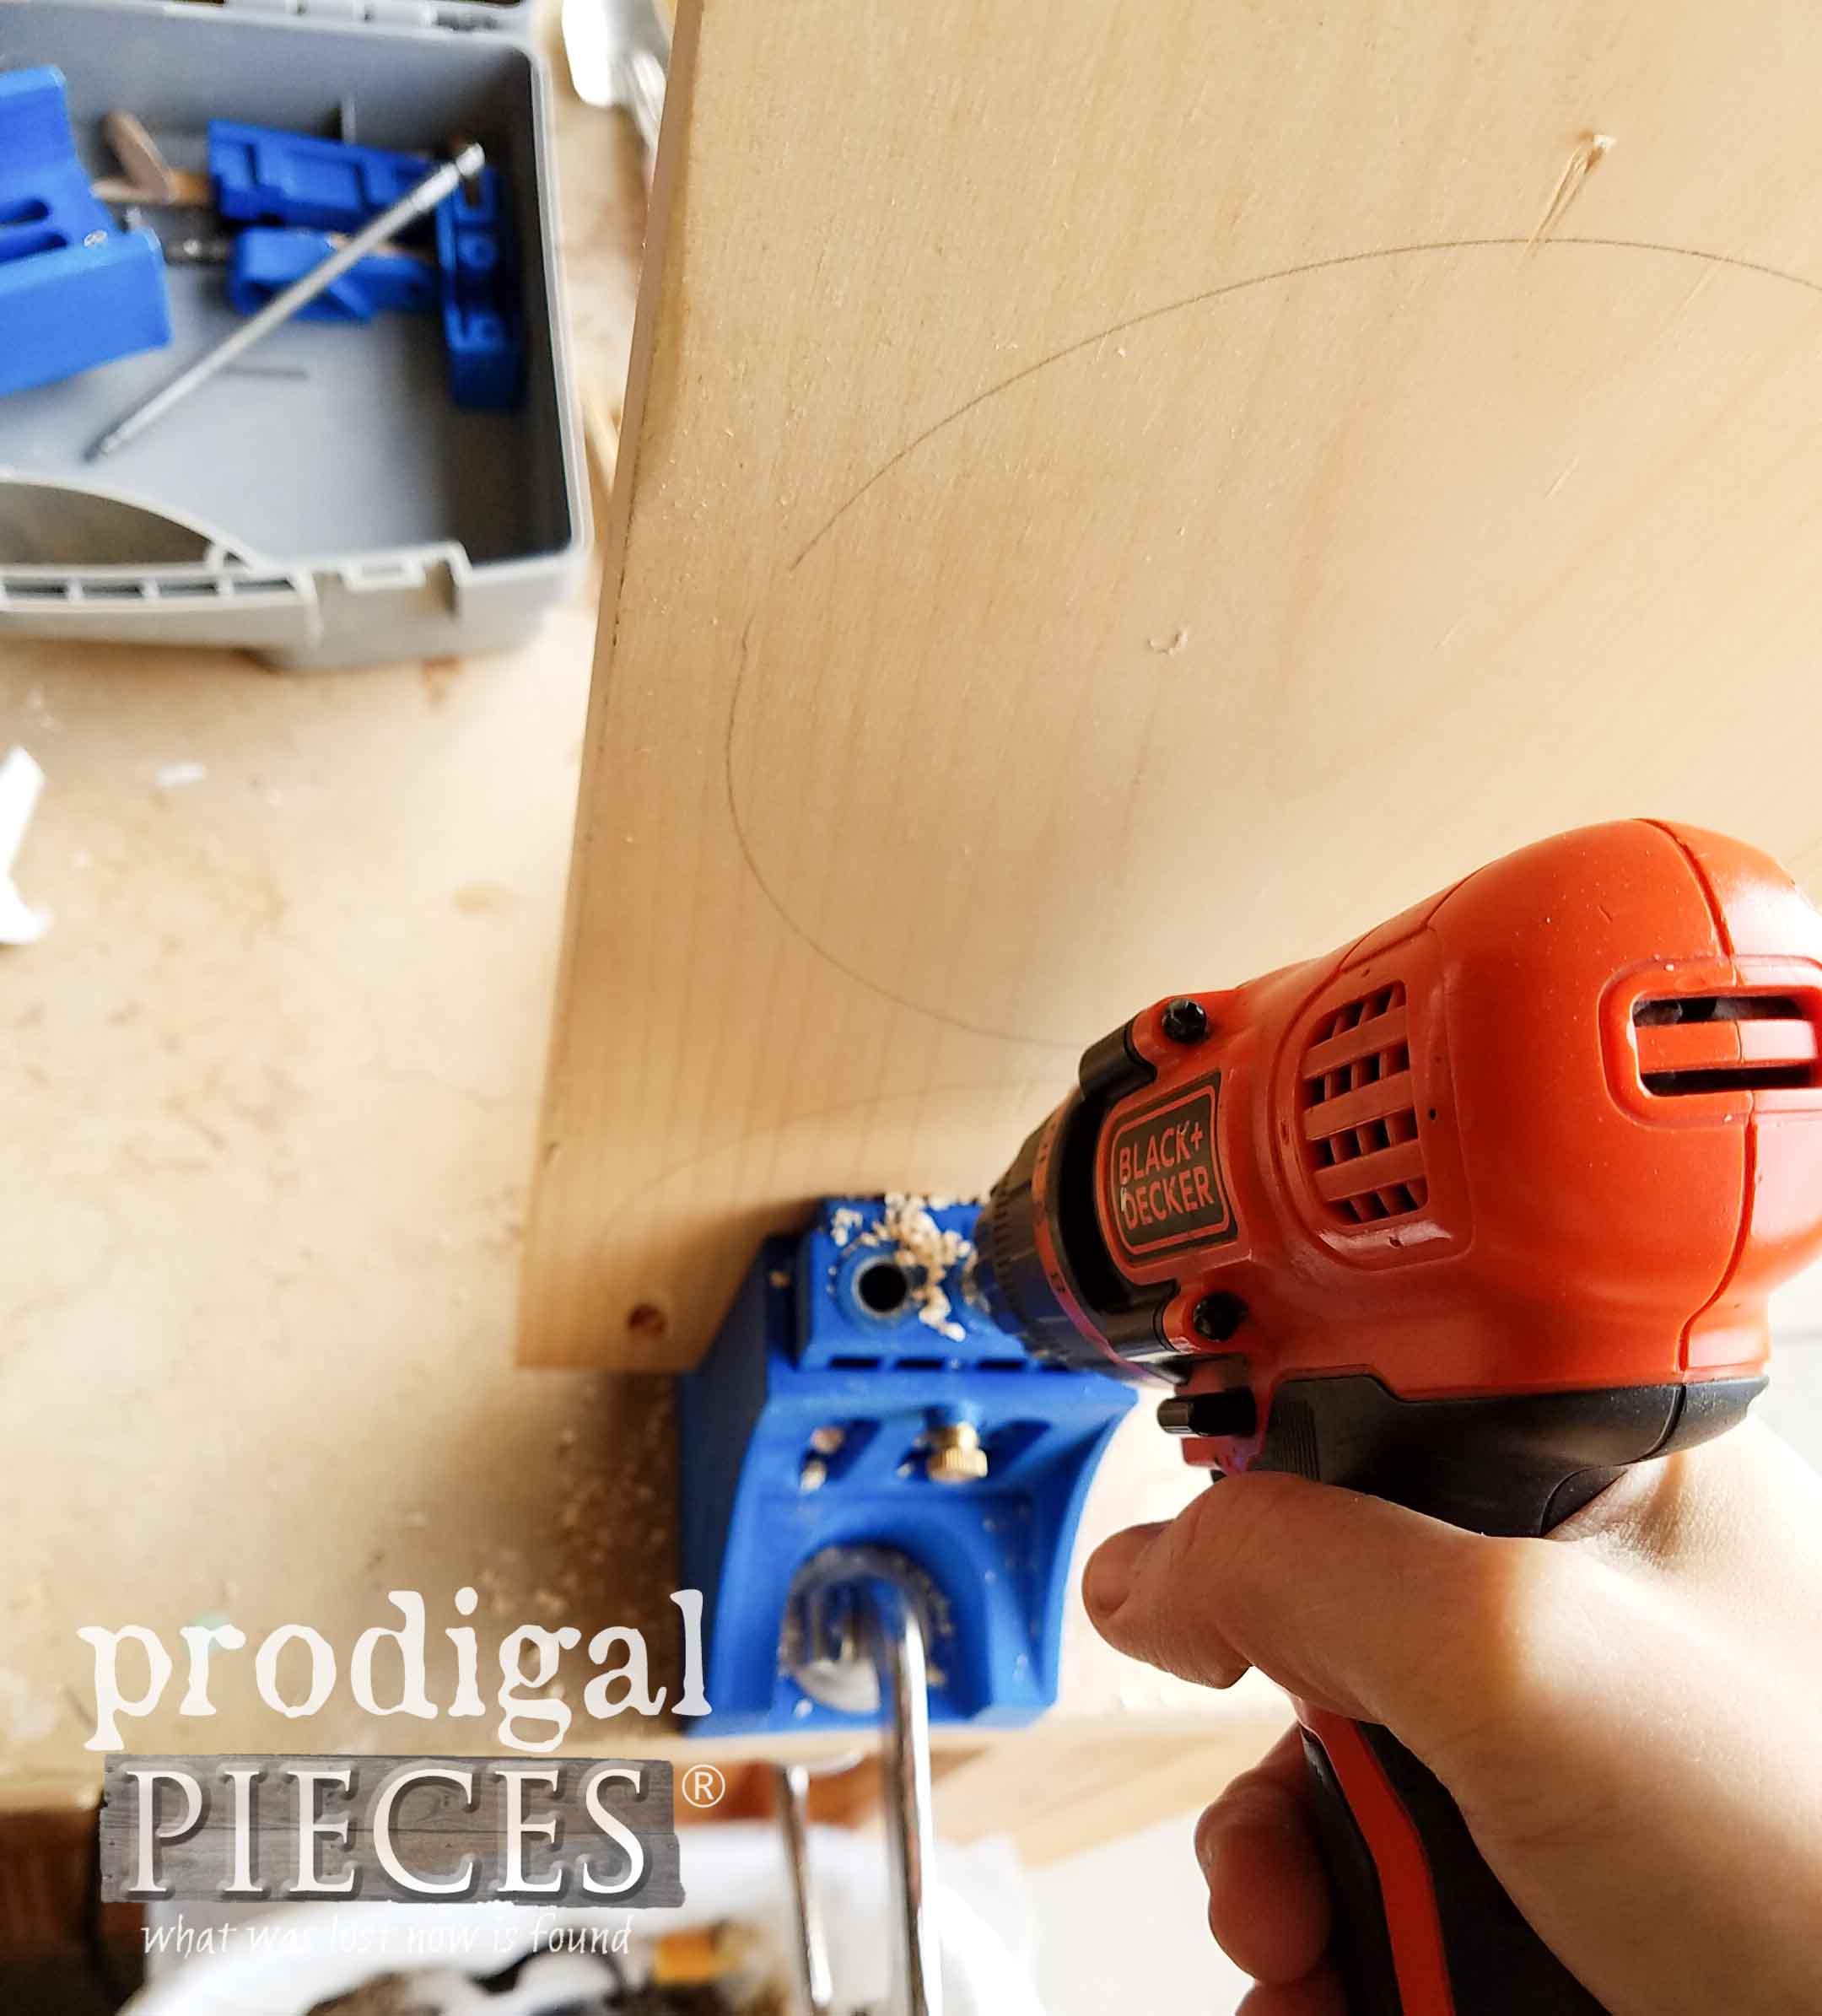 Kreg Pocket Hole Jig for Beanie Baby Shelf | prodigalpieces.com